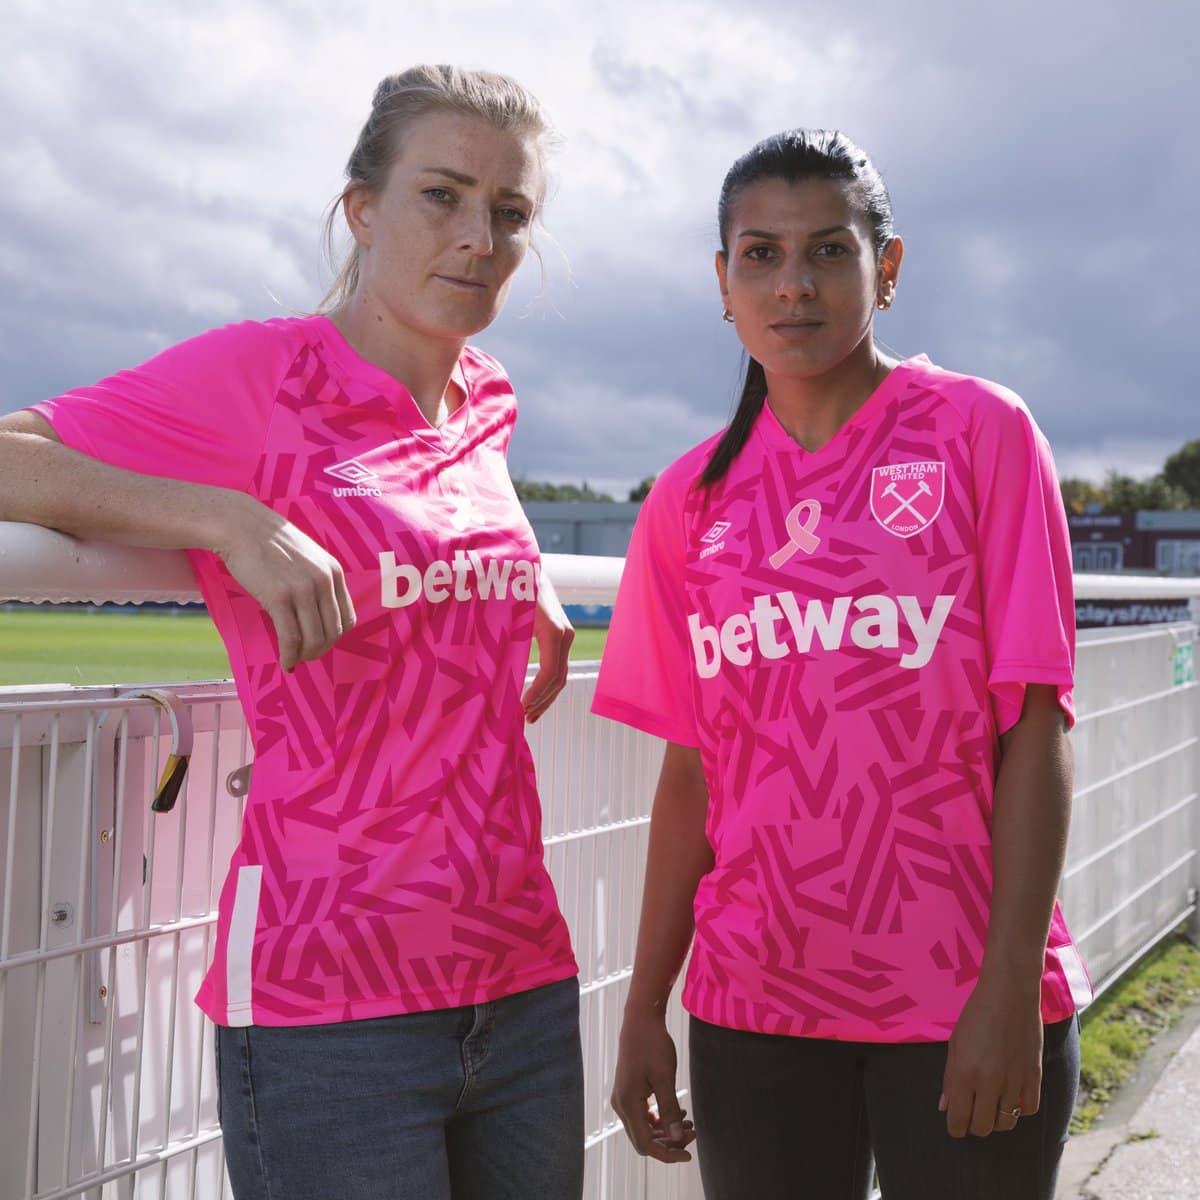 maillot-rose-swet-ham-united-cancer-du-sein-octobre-rose-2